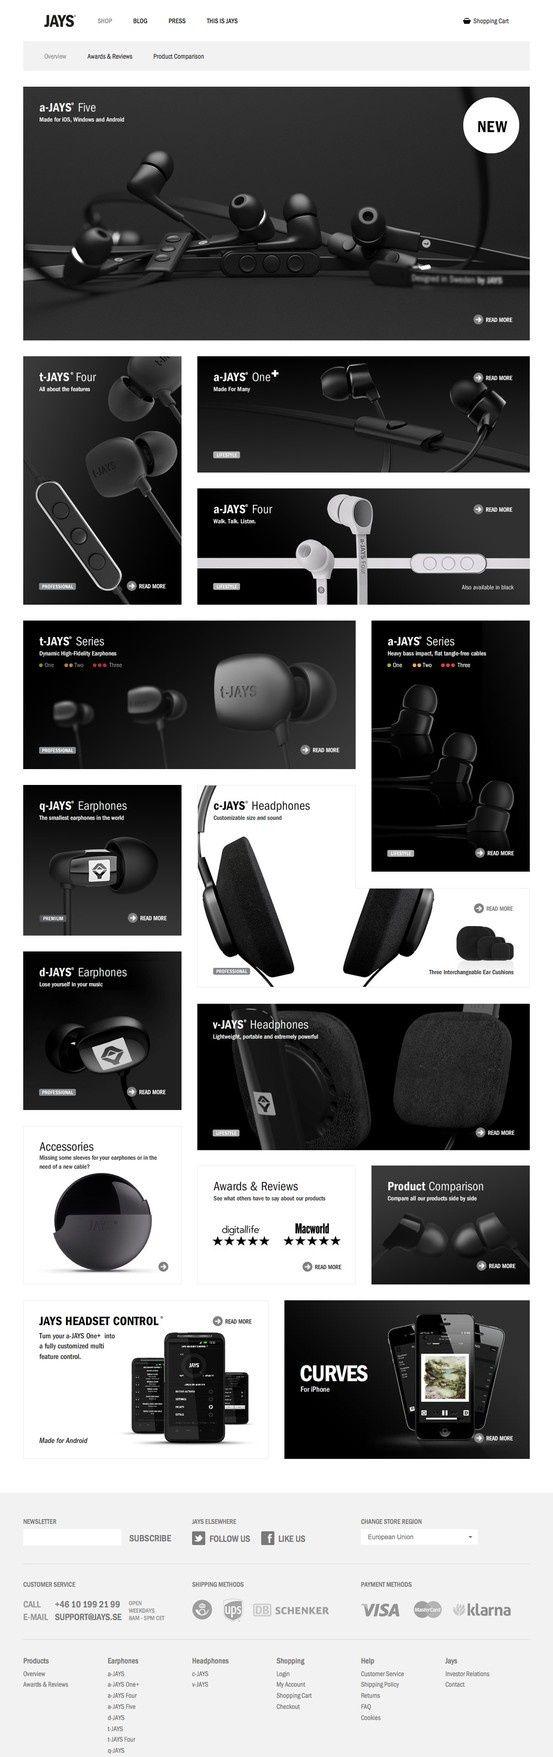 Jays Shop | #webdesign #it #web #design #layout #userinterface #website #webdesign < repinned by www.BlickeDeeler.de | Take a look at www.WebsiteDesign-Hamburg.de